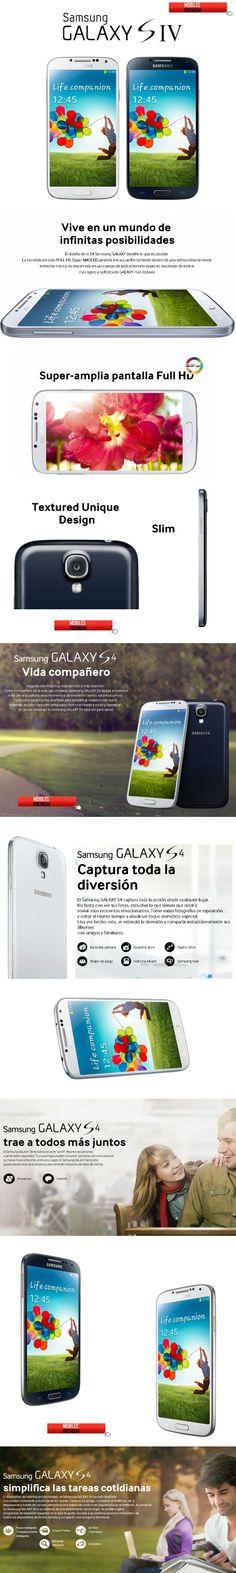 Comprar samsung galaxy s4 gt i9500 | venta de samsung galaxy s4 Argentina